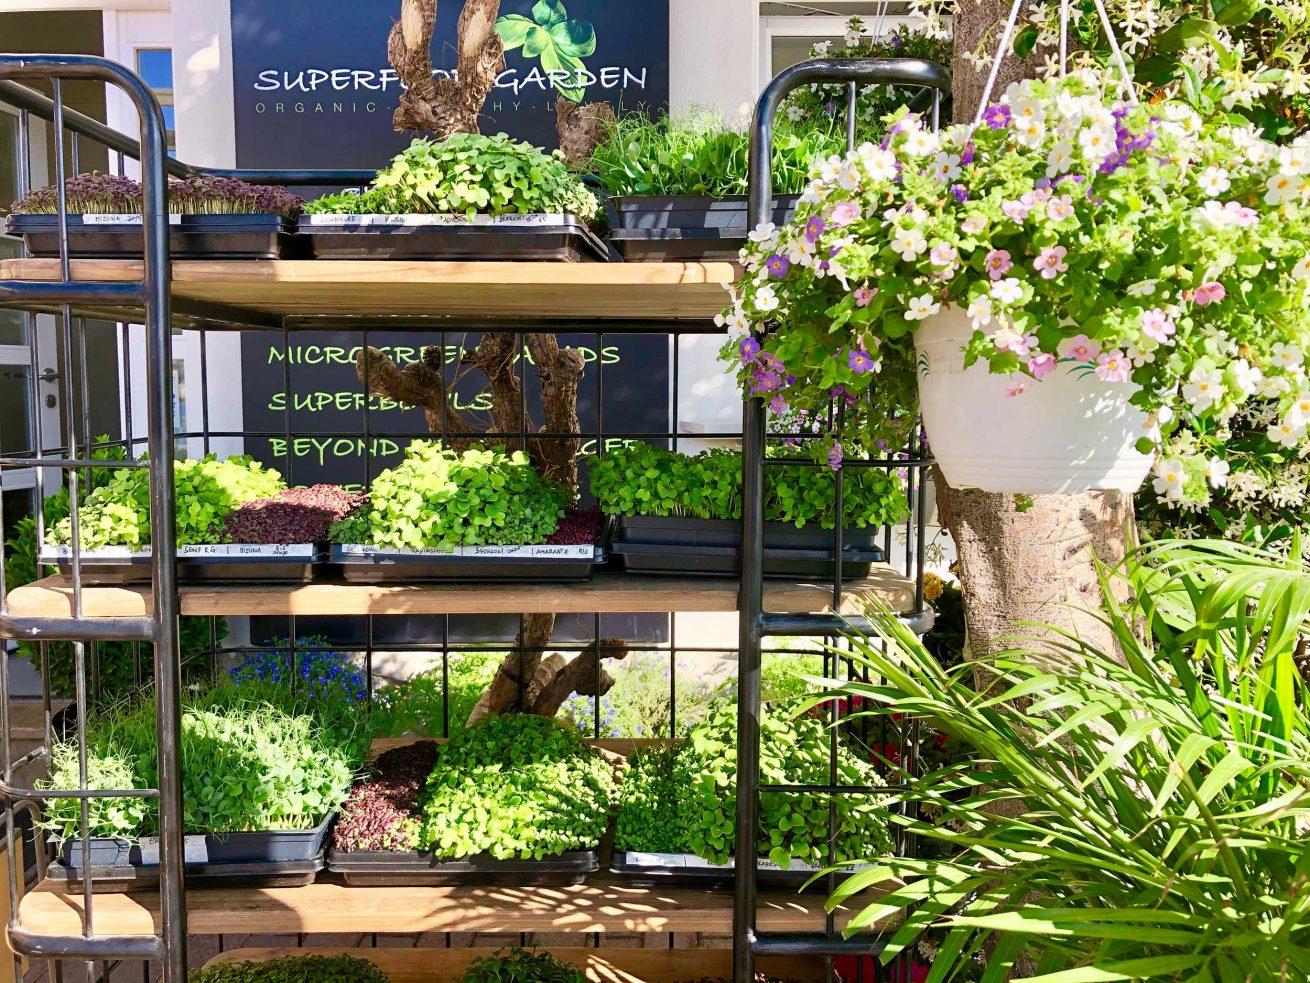 superfood-garden-restaurant-3